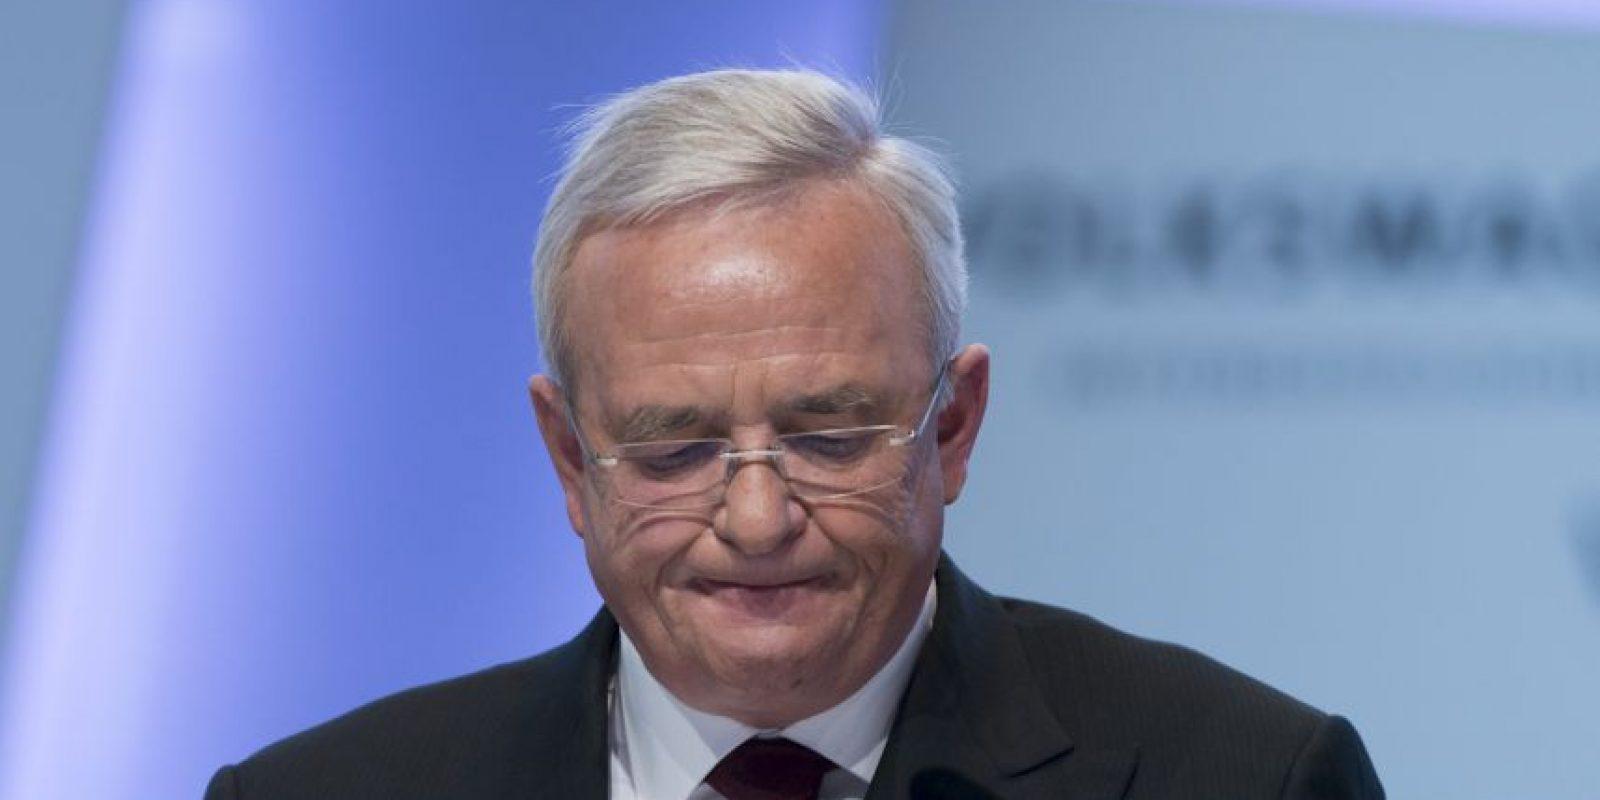 Por otra parte Martin Winterkorn, quien era el CEO de la empresa fue despedido. Foto:AFP